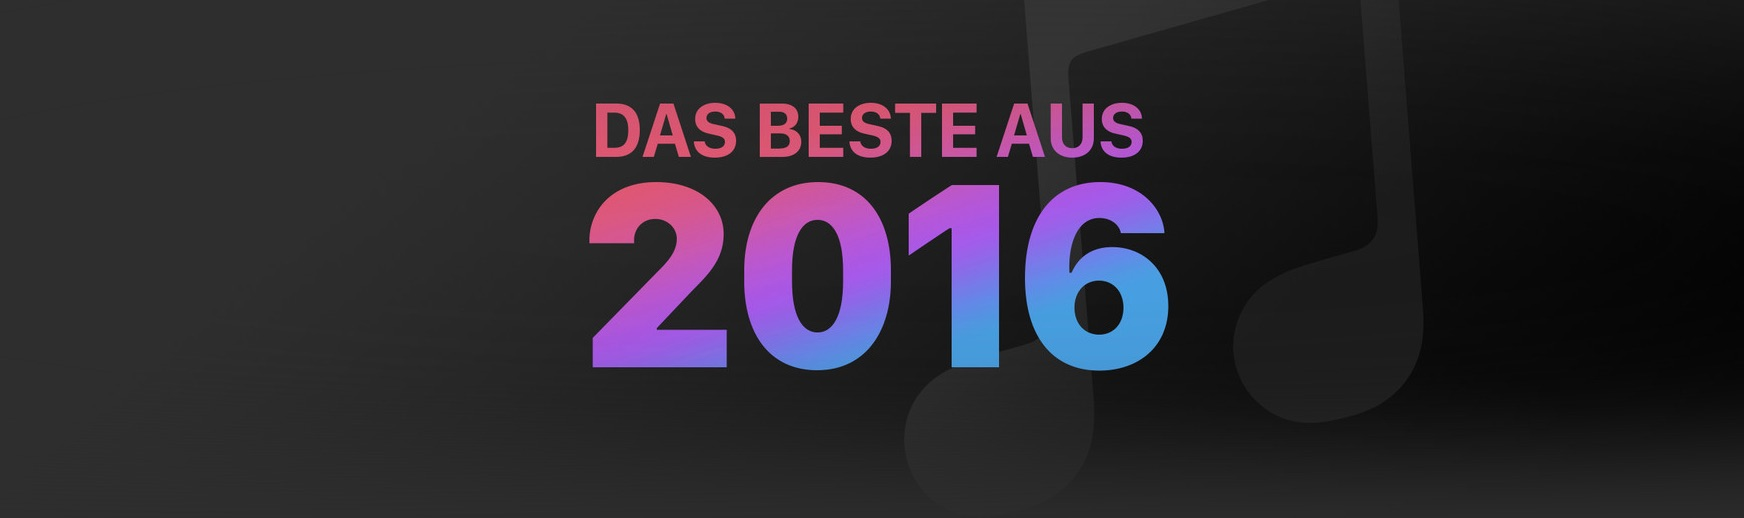 itunes_2016_beste